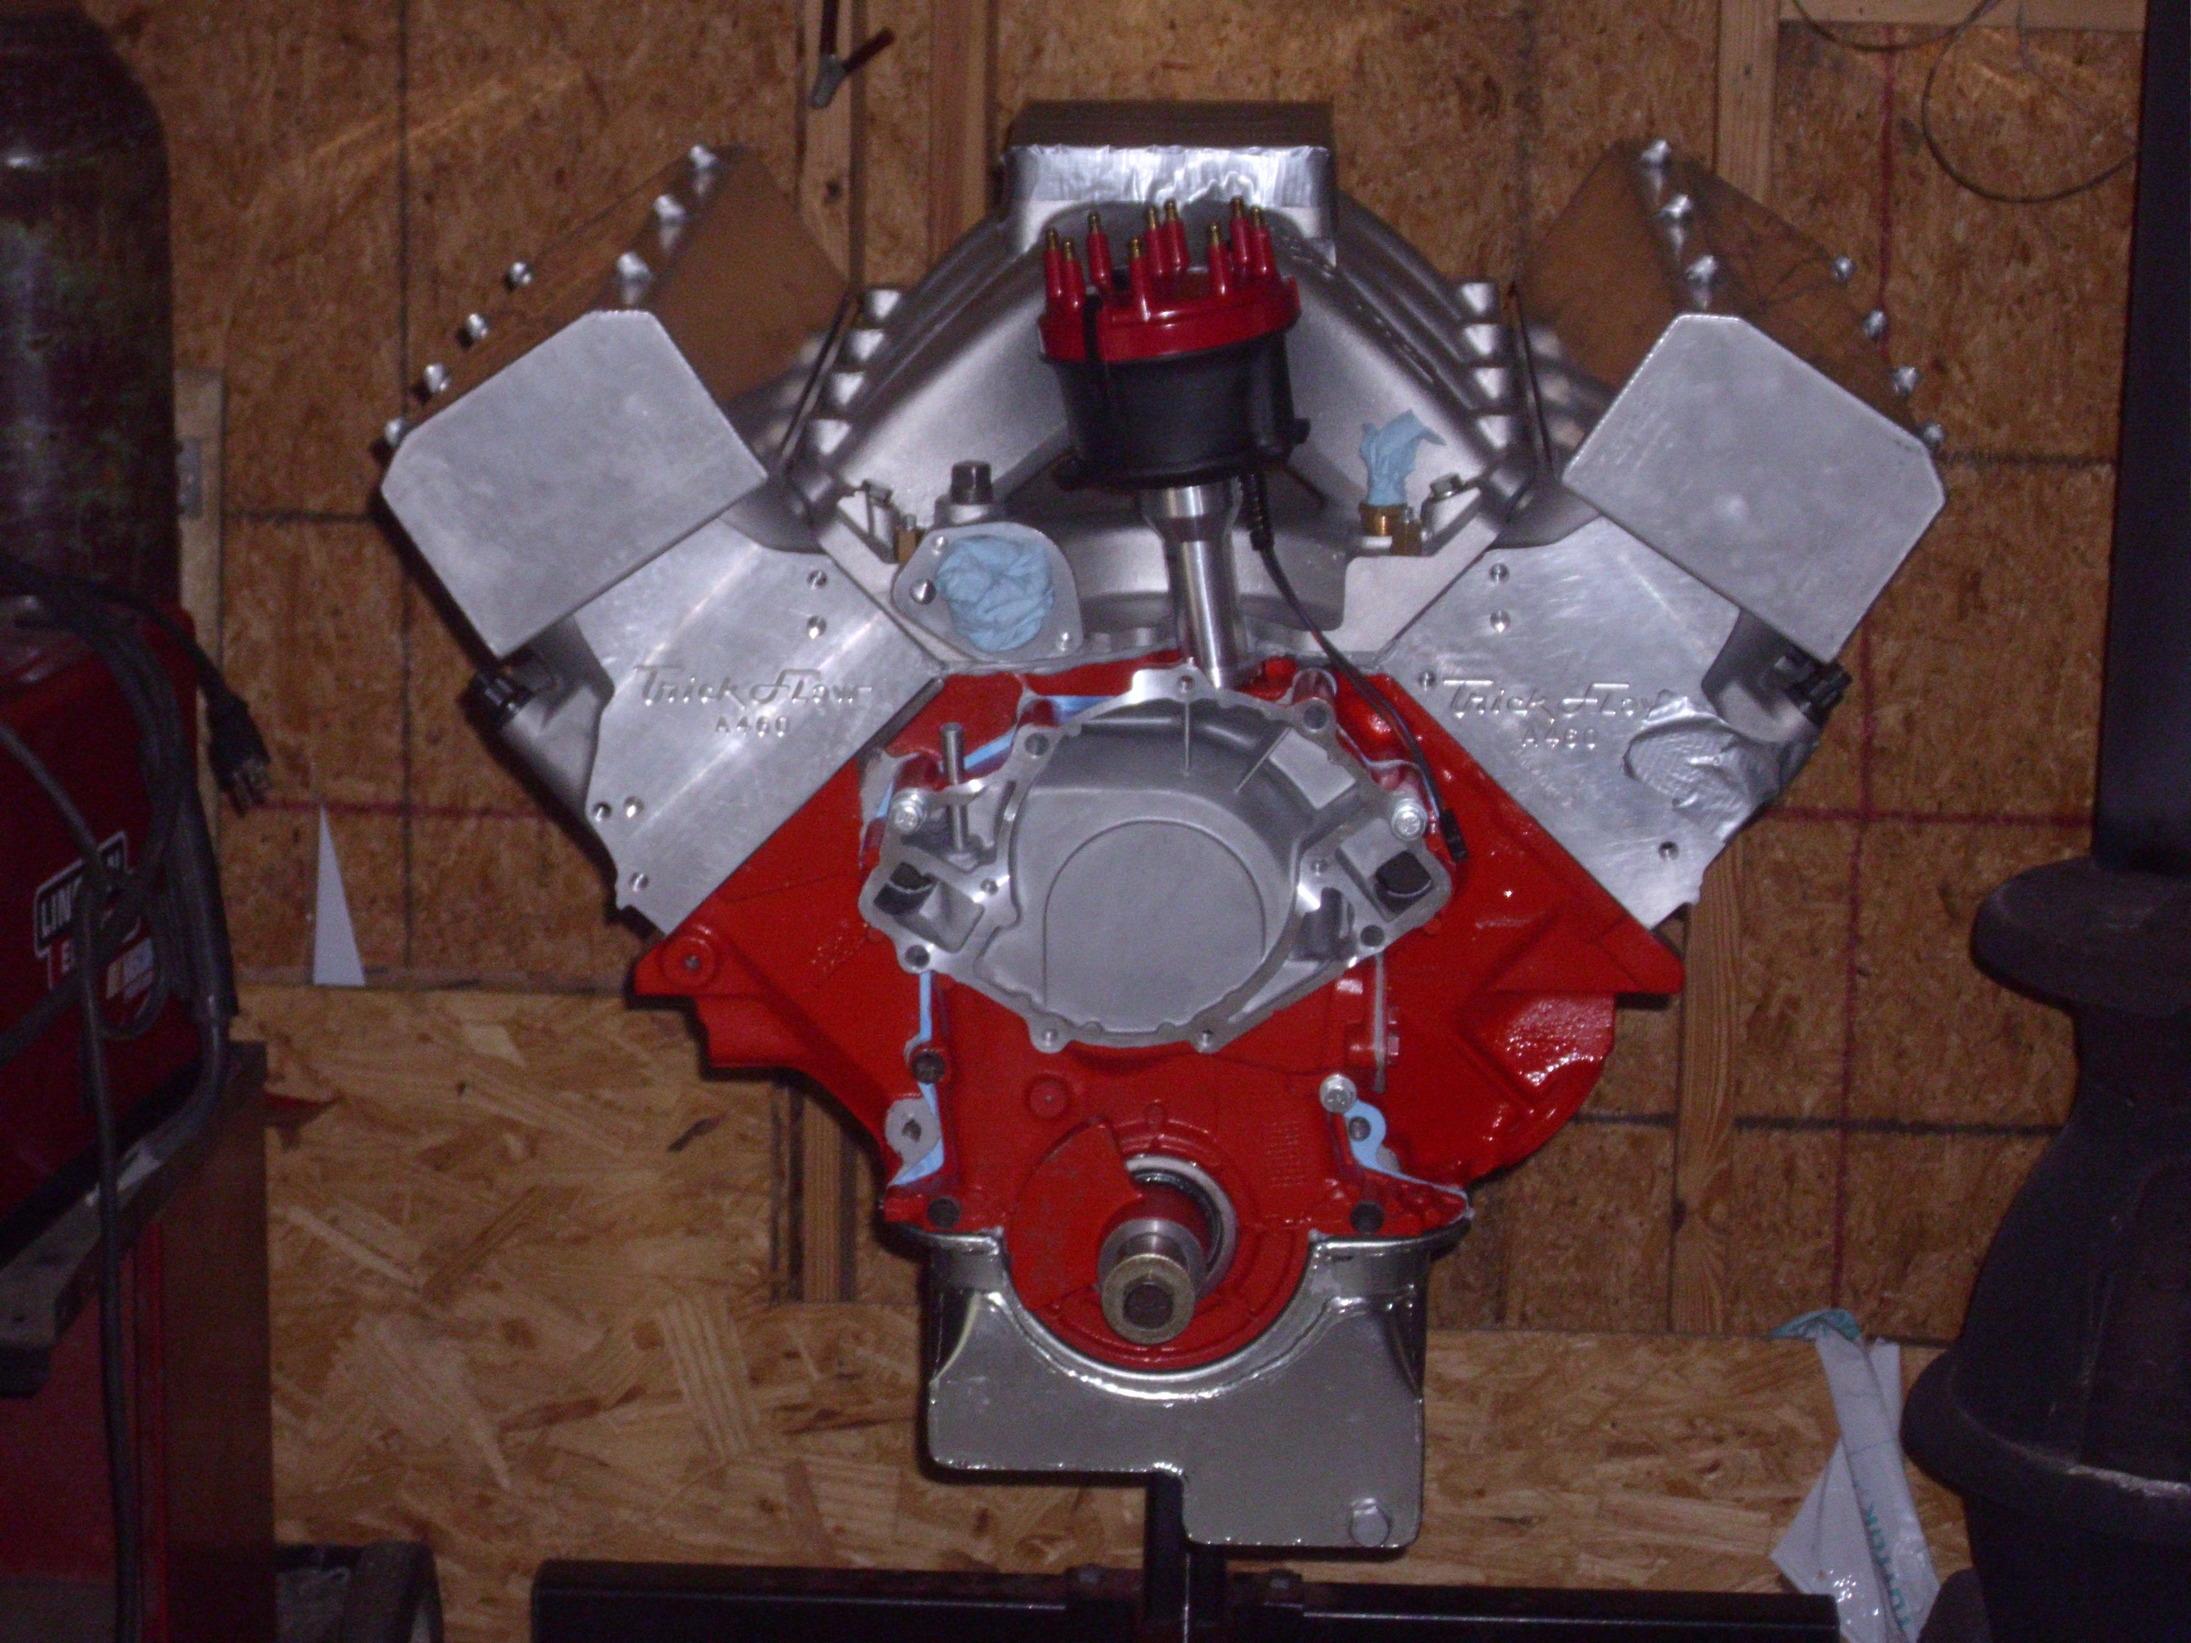 580ci a460 head & a 460 block HPIM0375